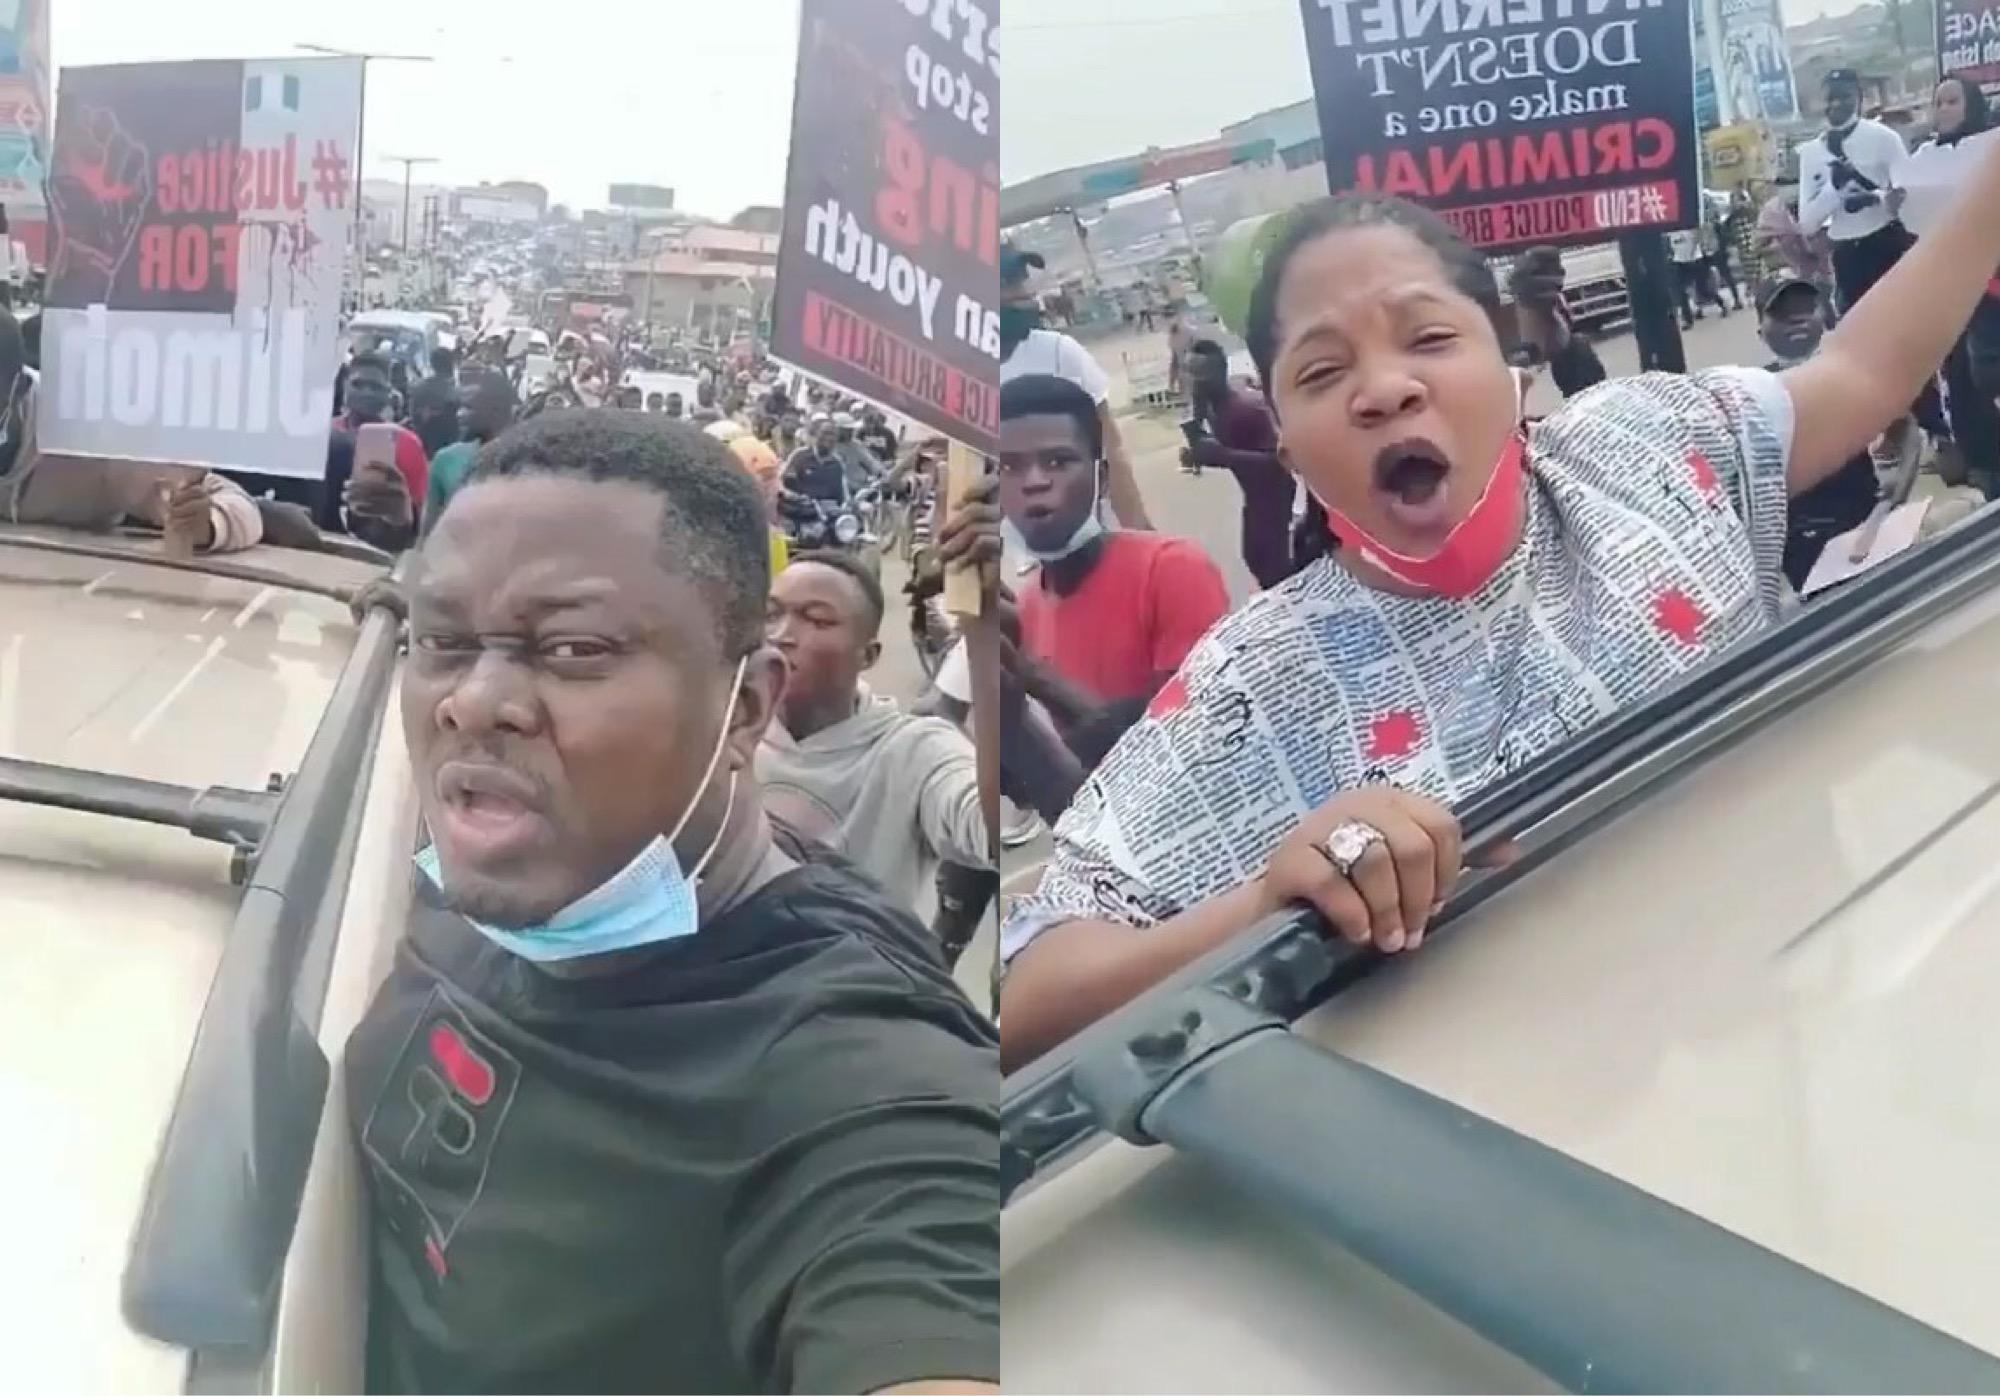 #EndSARS: Toyin Abraham, Muyiwa Ademola Join Protest In Ibadan